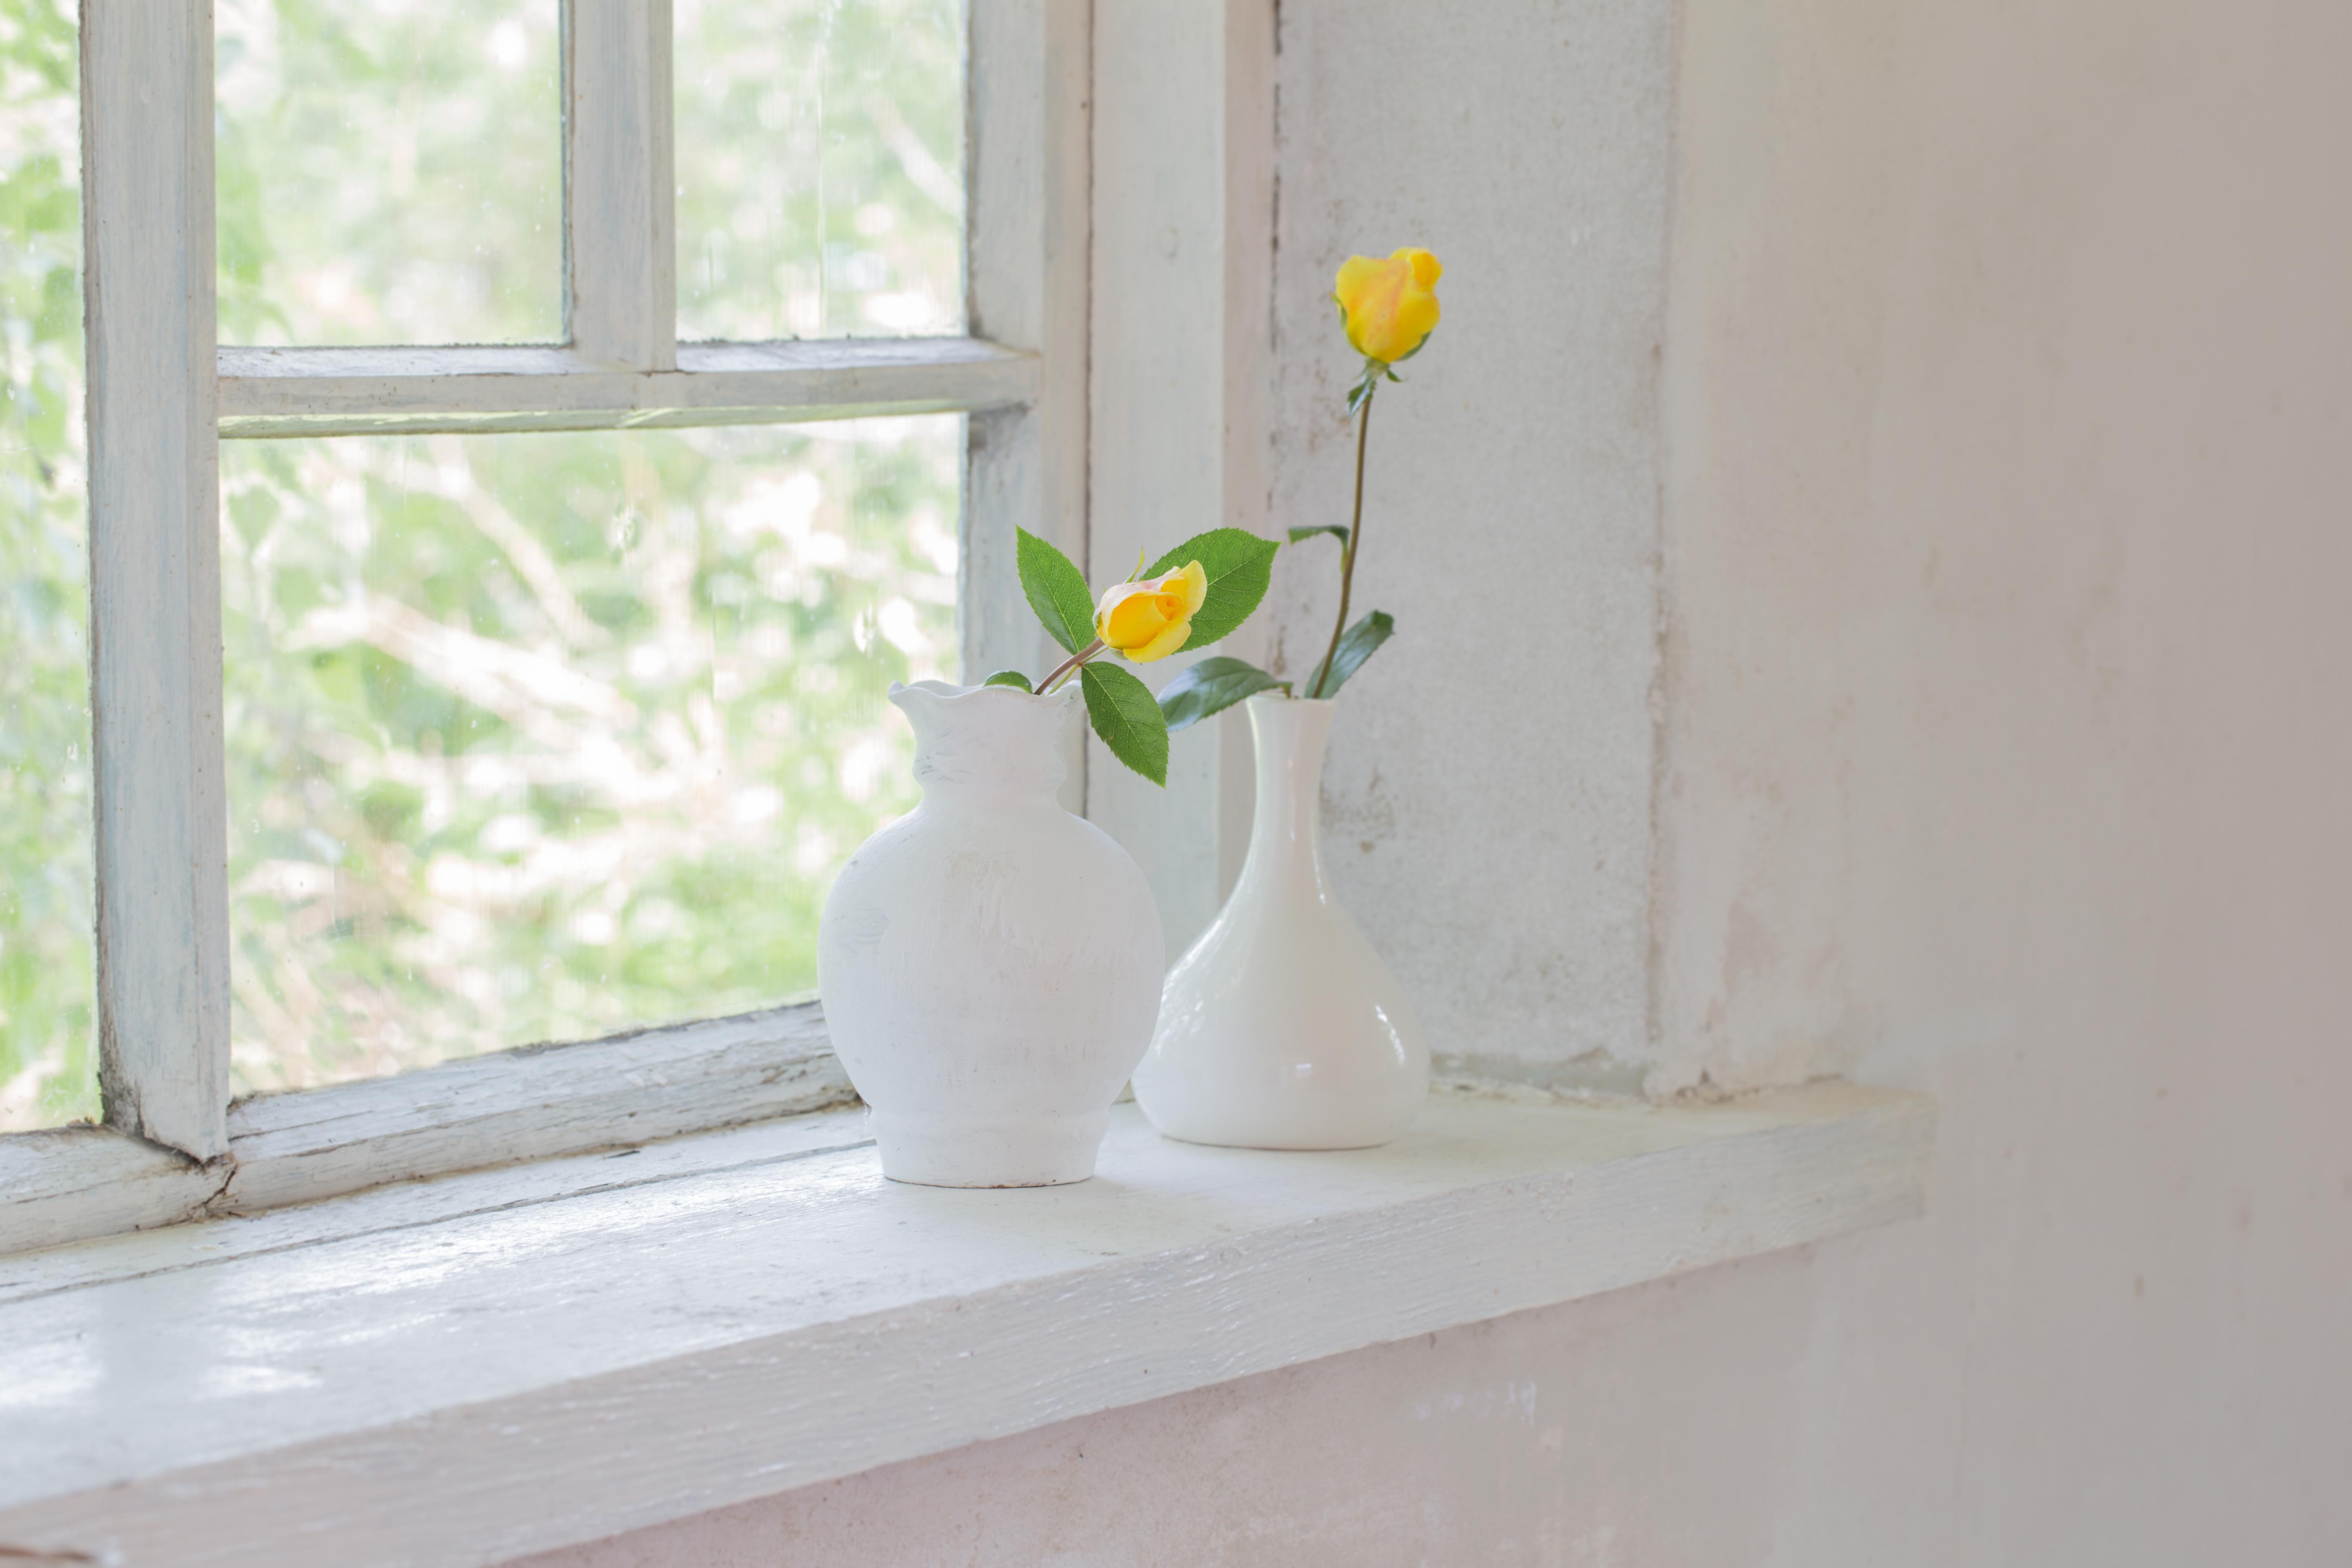 Comment laver les vitres sans avoir des traces ? 2